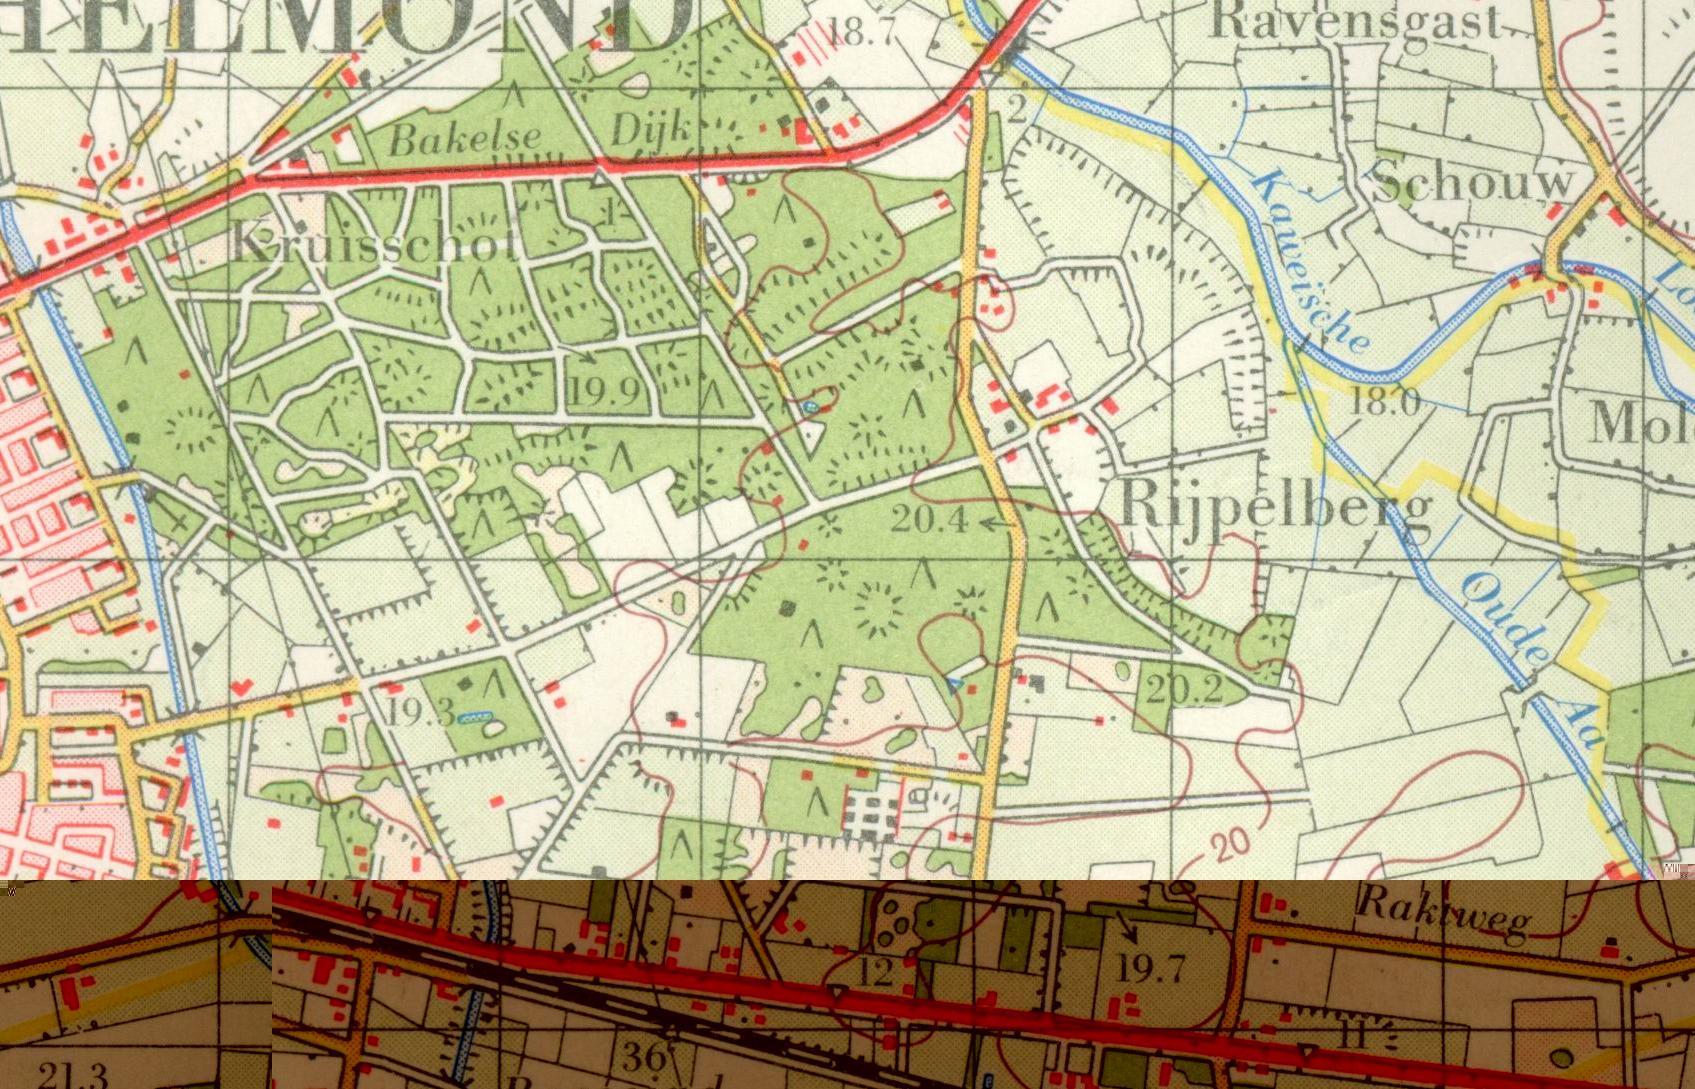 Rijpelberg_51_Oost__1970_detail2.jpg